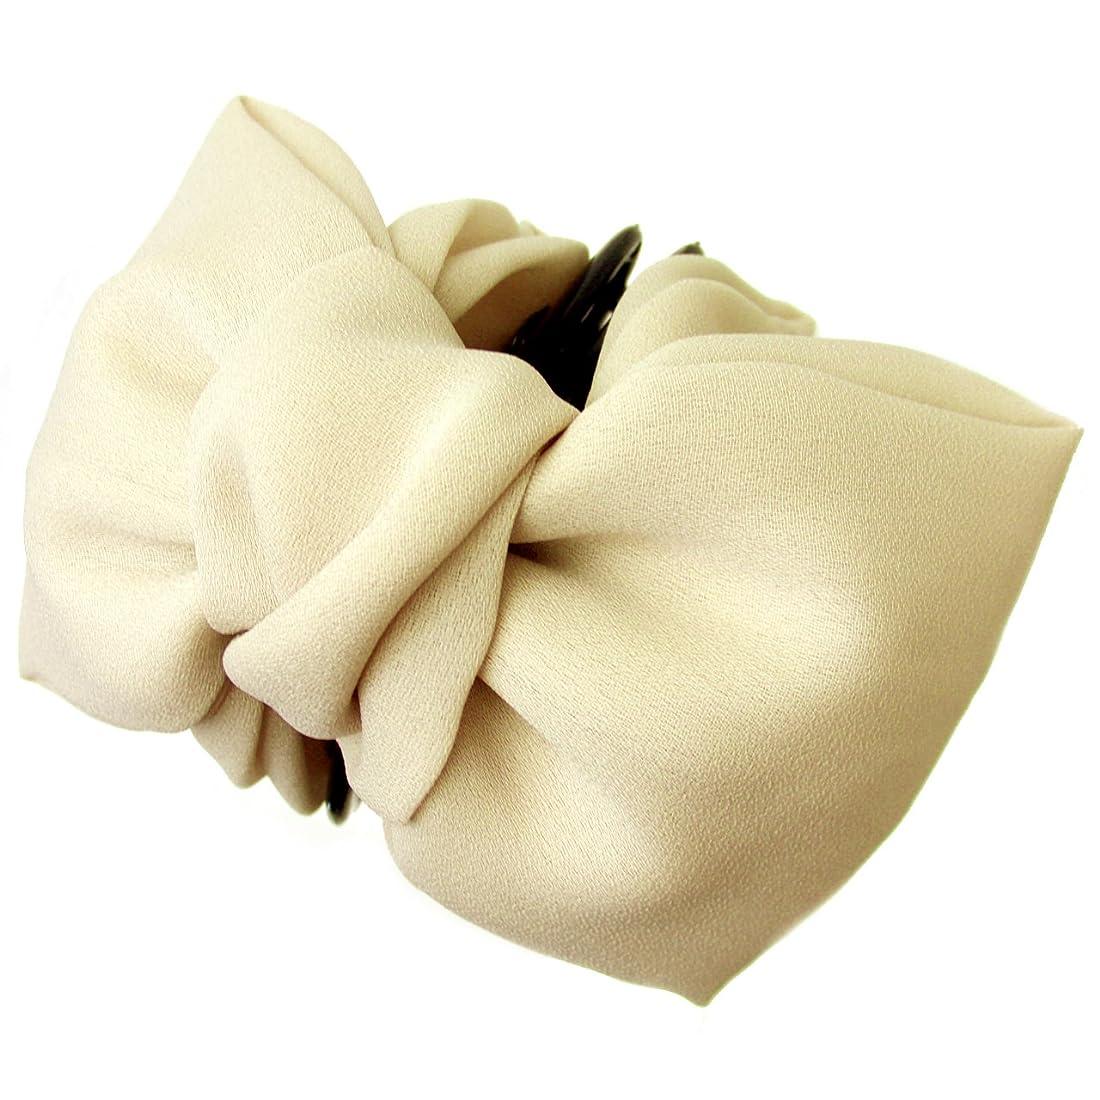 整理する高くシャワーhaclm500nnnbe ヘアアクセサリー 髪飾り (リトルムーン) バンスクリップ ブランダ ベージュ